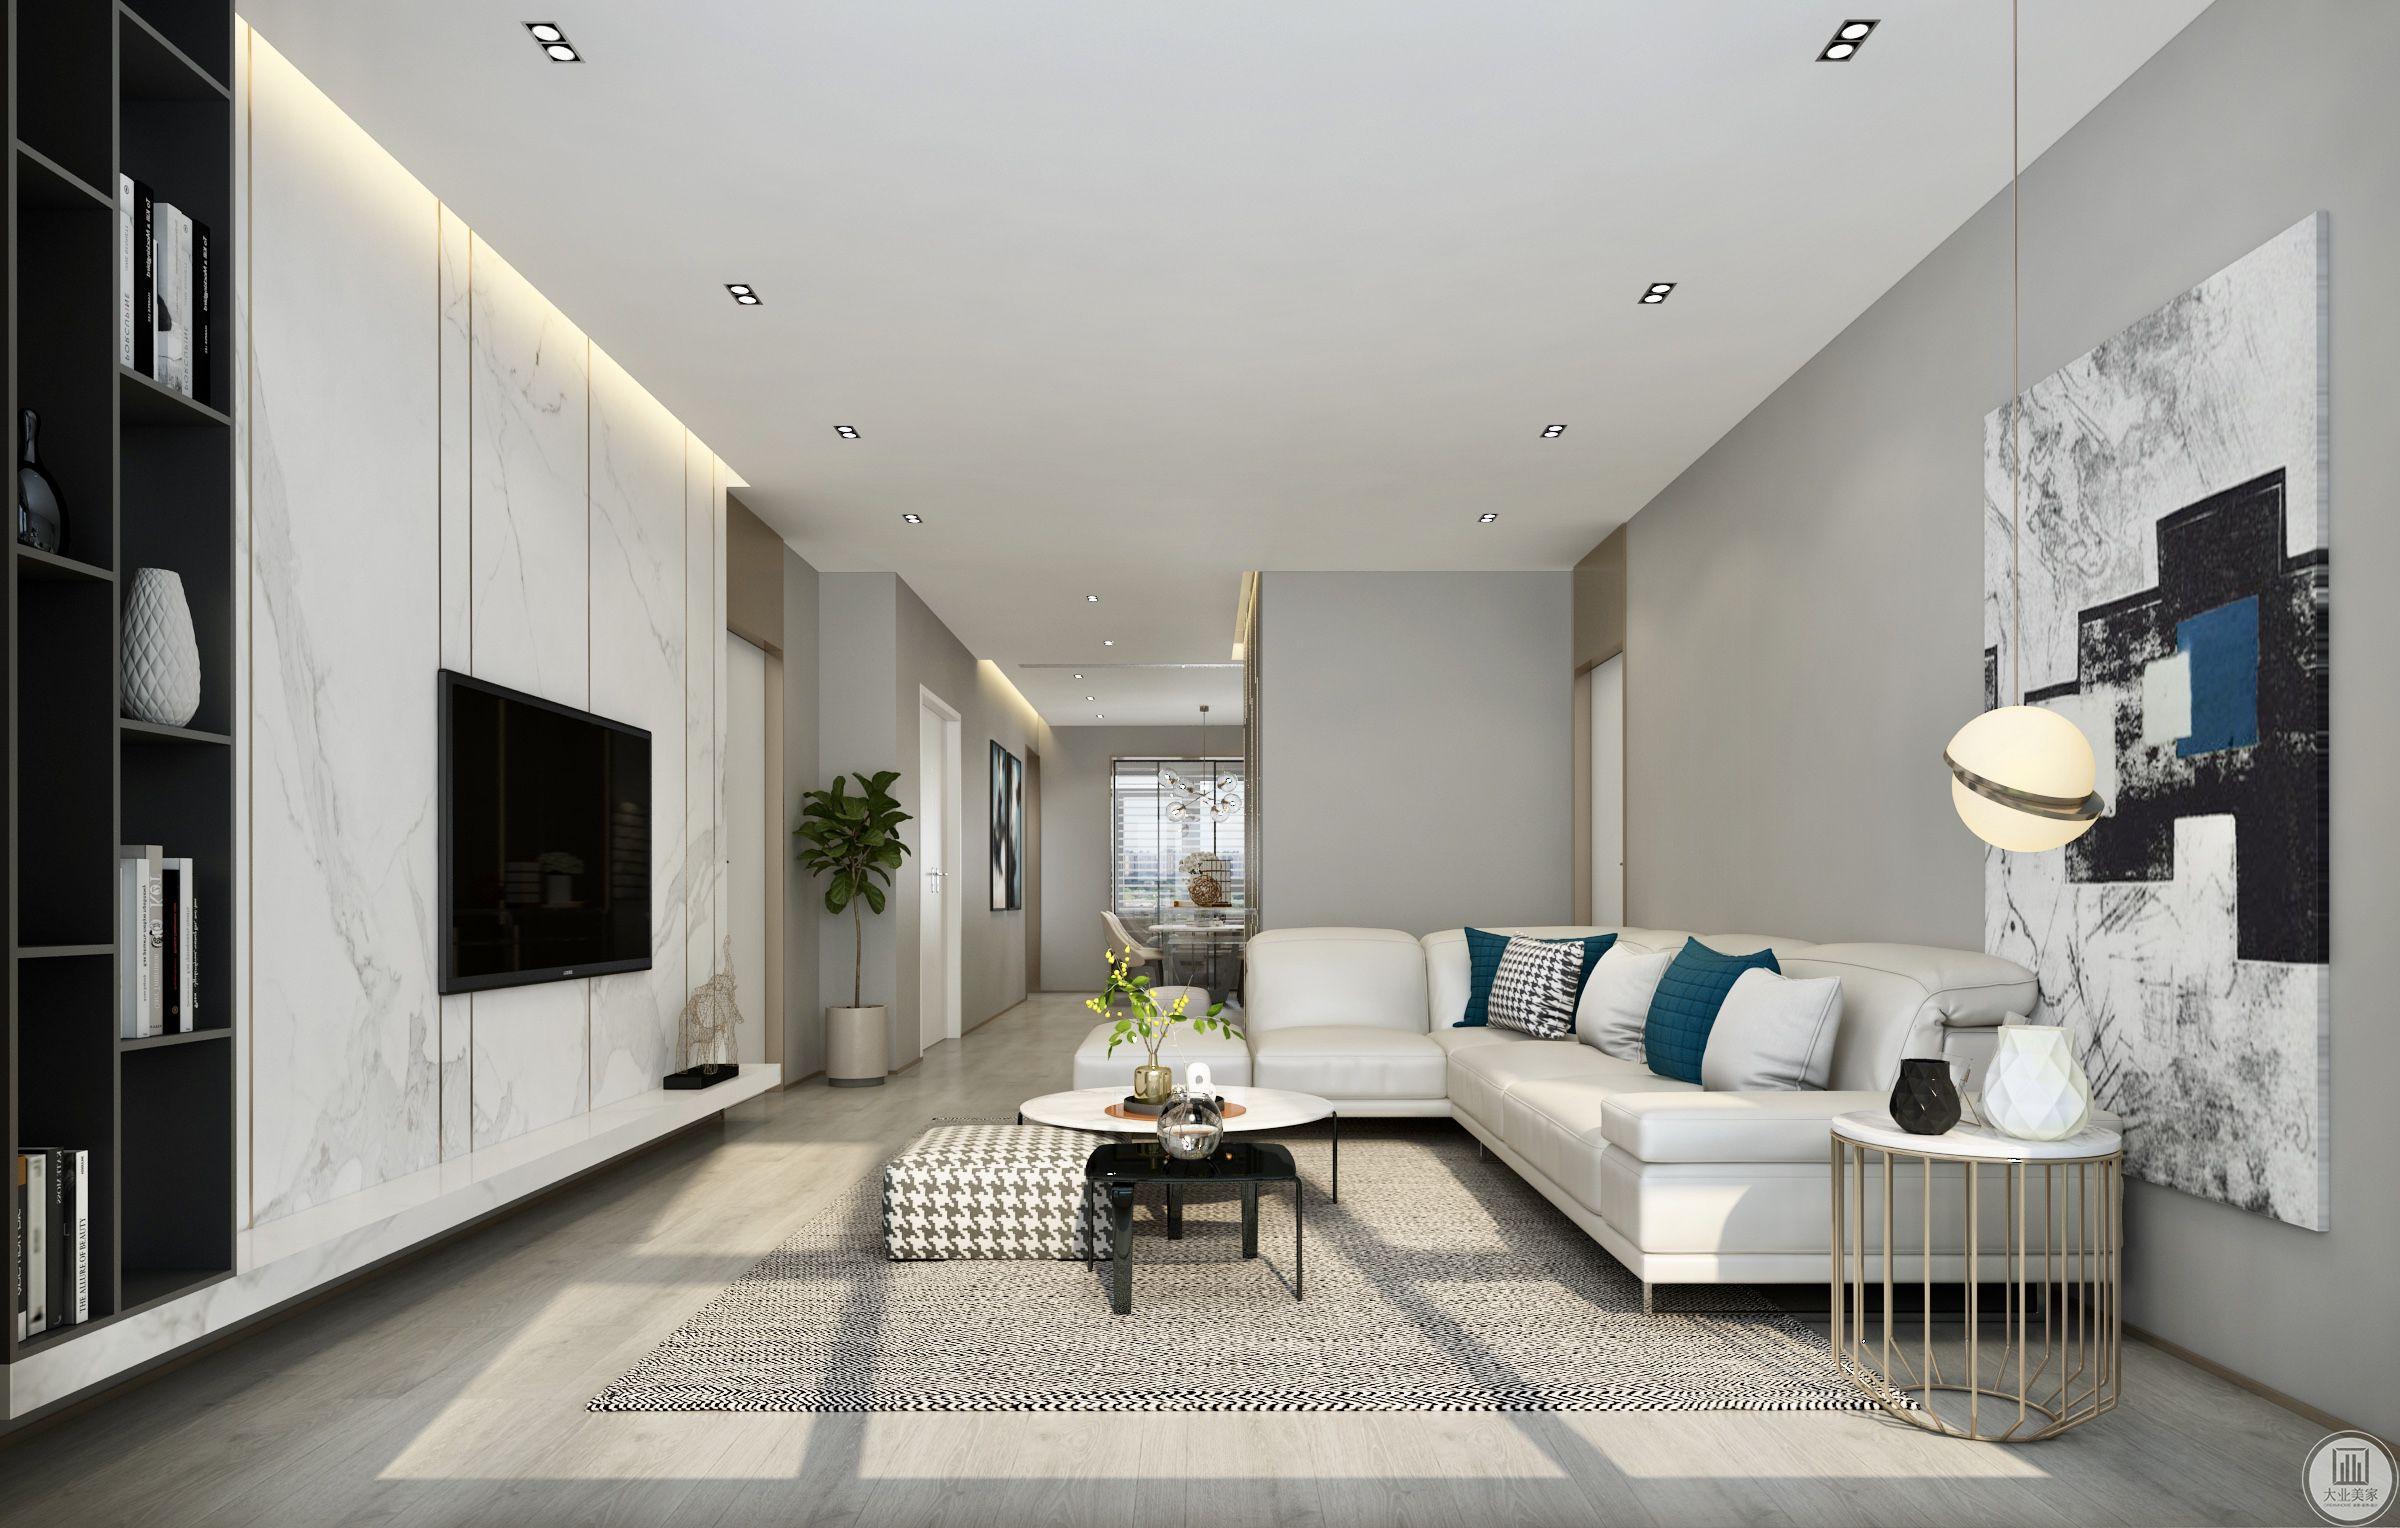 客厅背景墙设置成大理石墙面的样式,搭配白色的沙发,显得整个房间很干净。